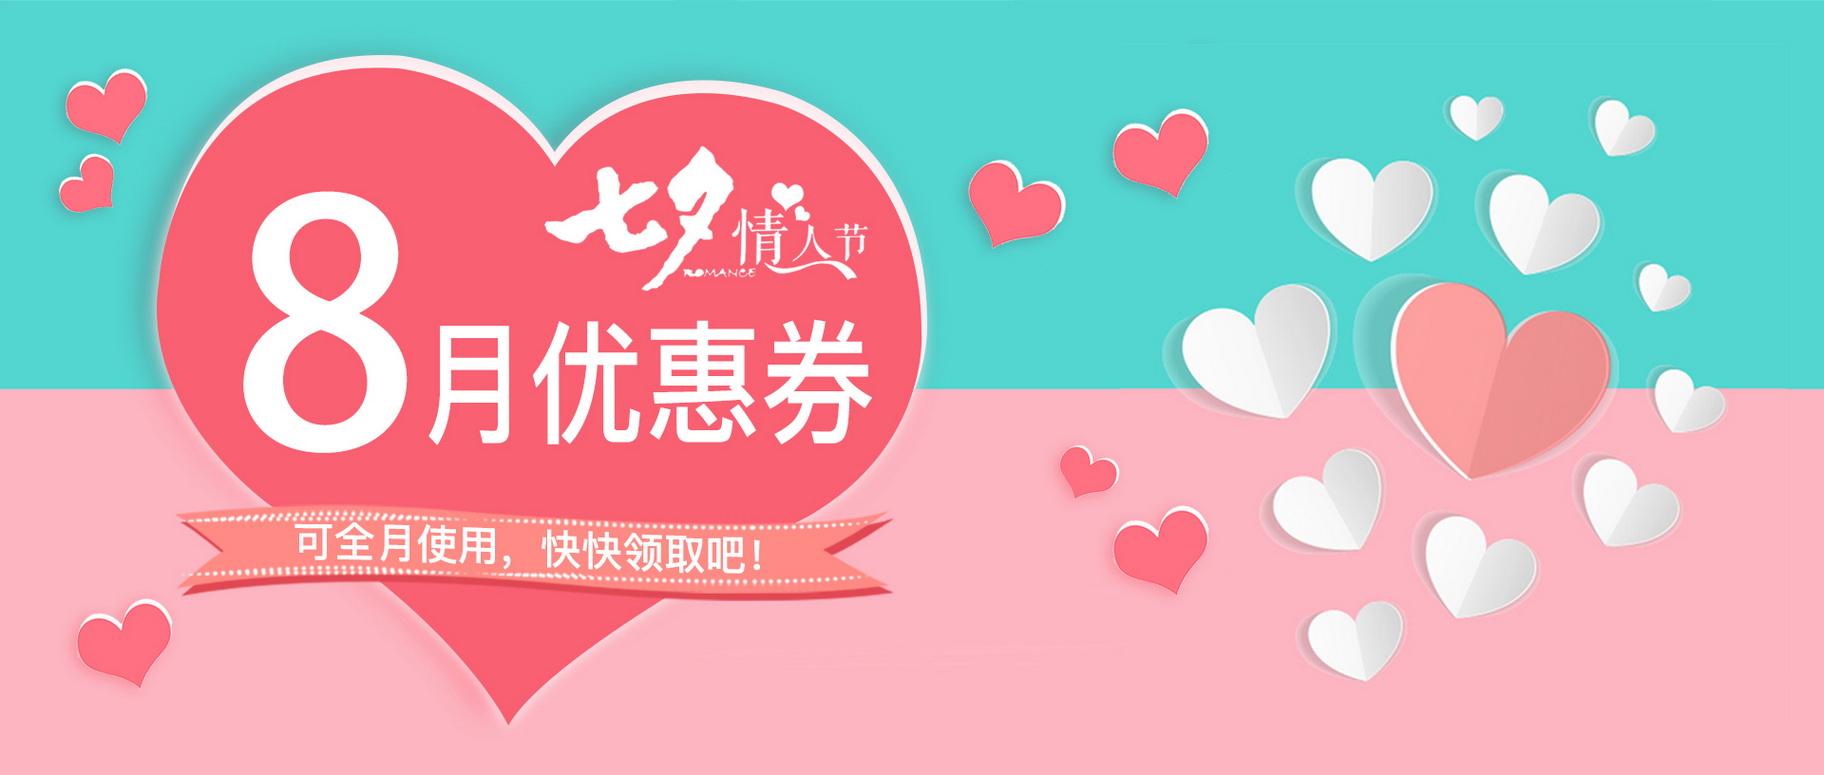 绿林美玩博论坛春季优惠banner